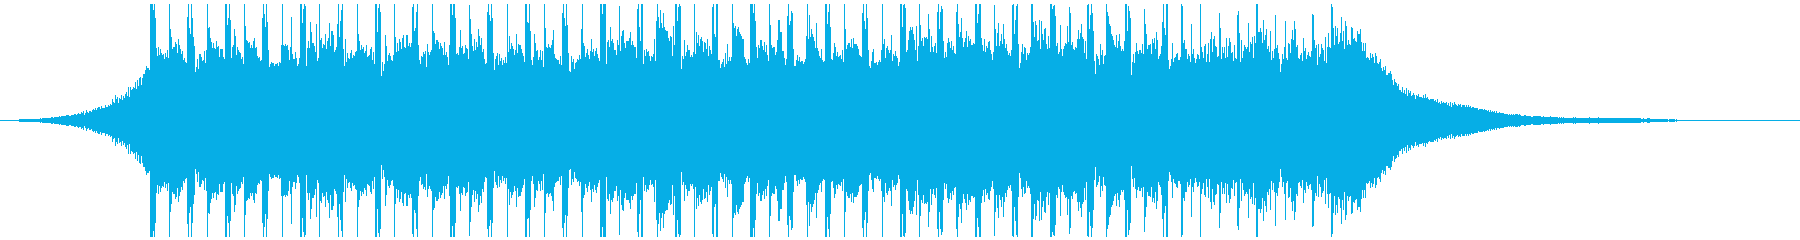 コーポレート・アップビート(短)の再生済みの波形